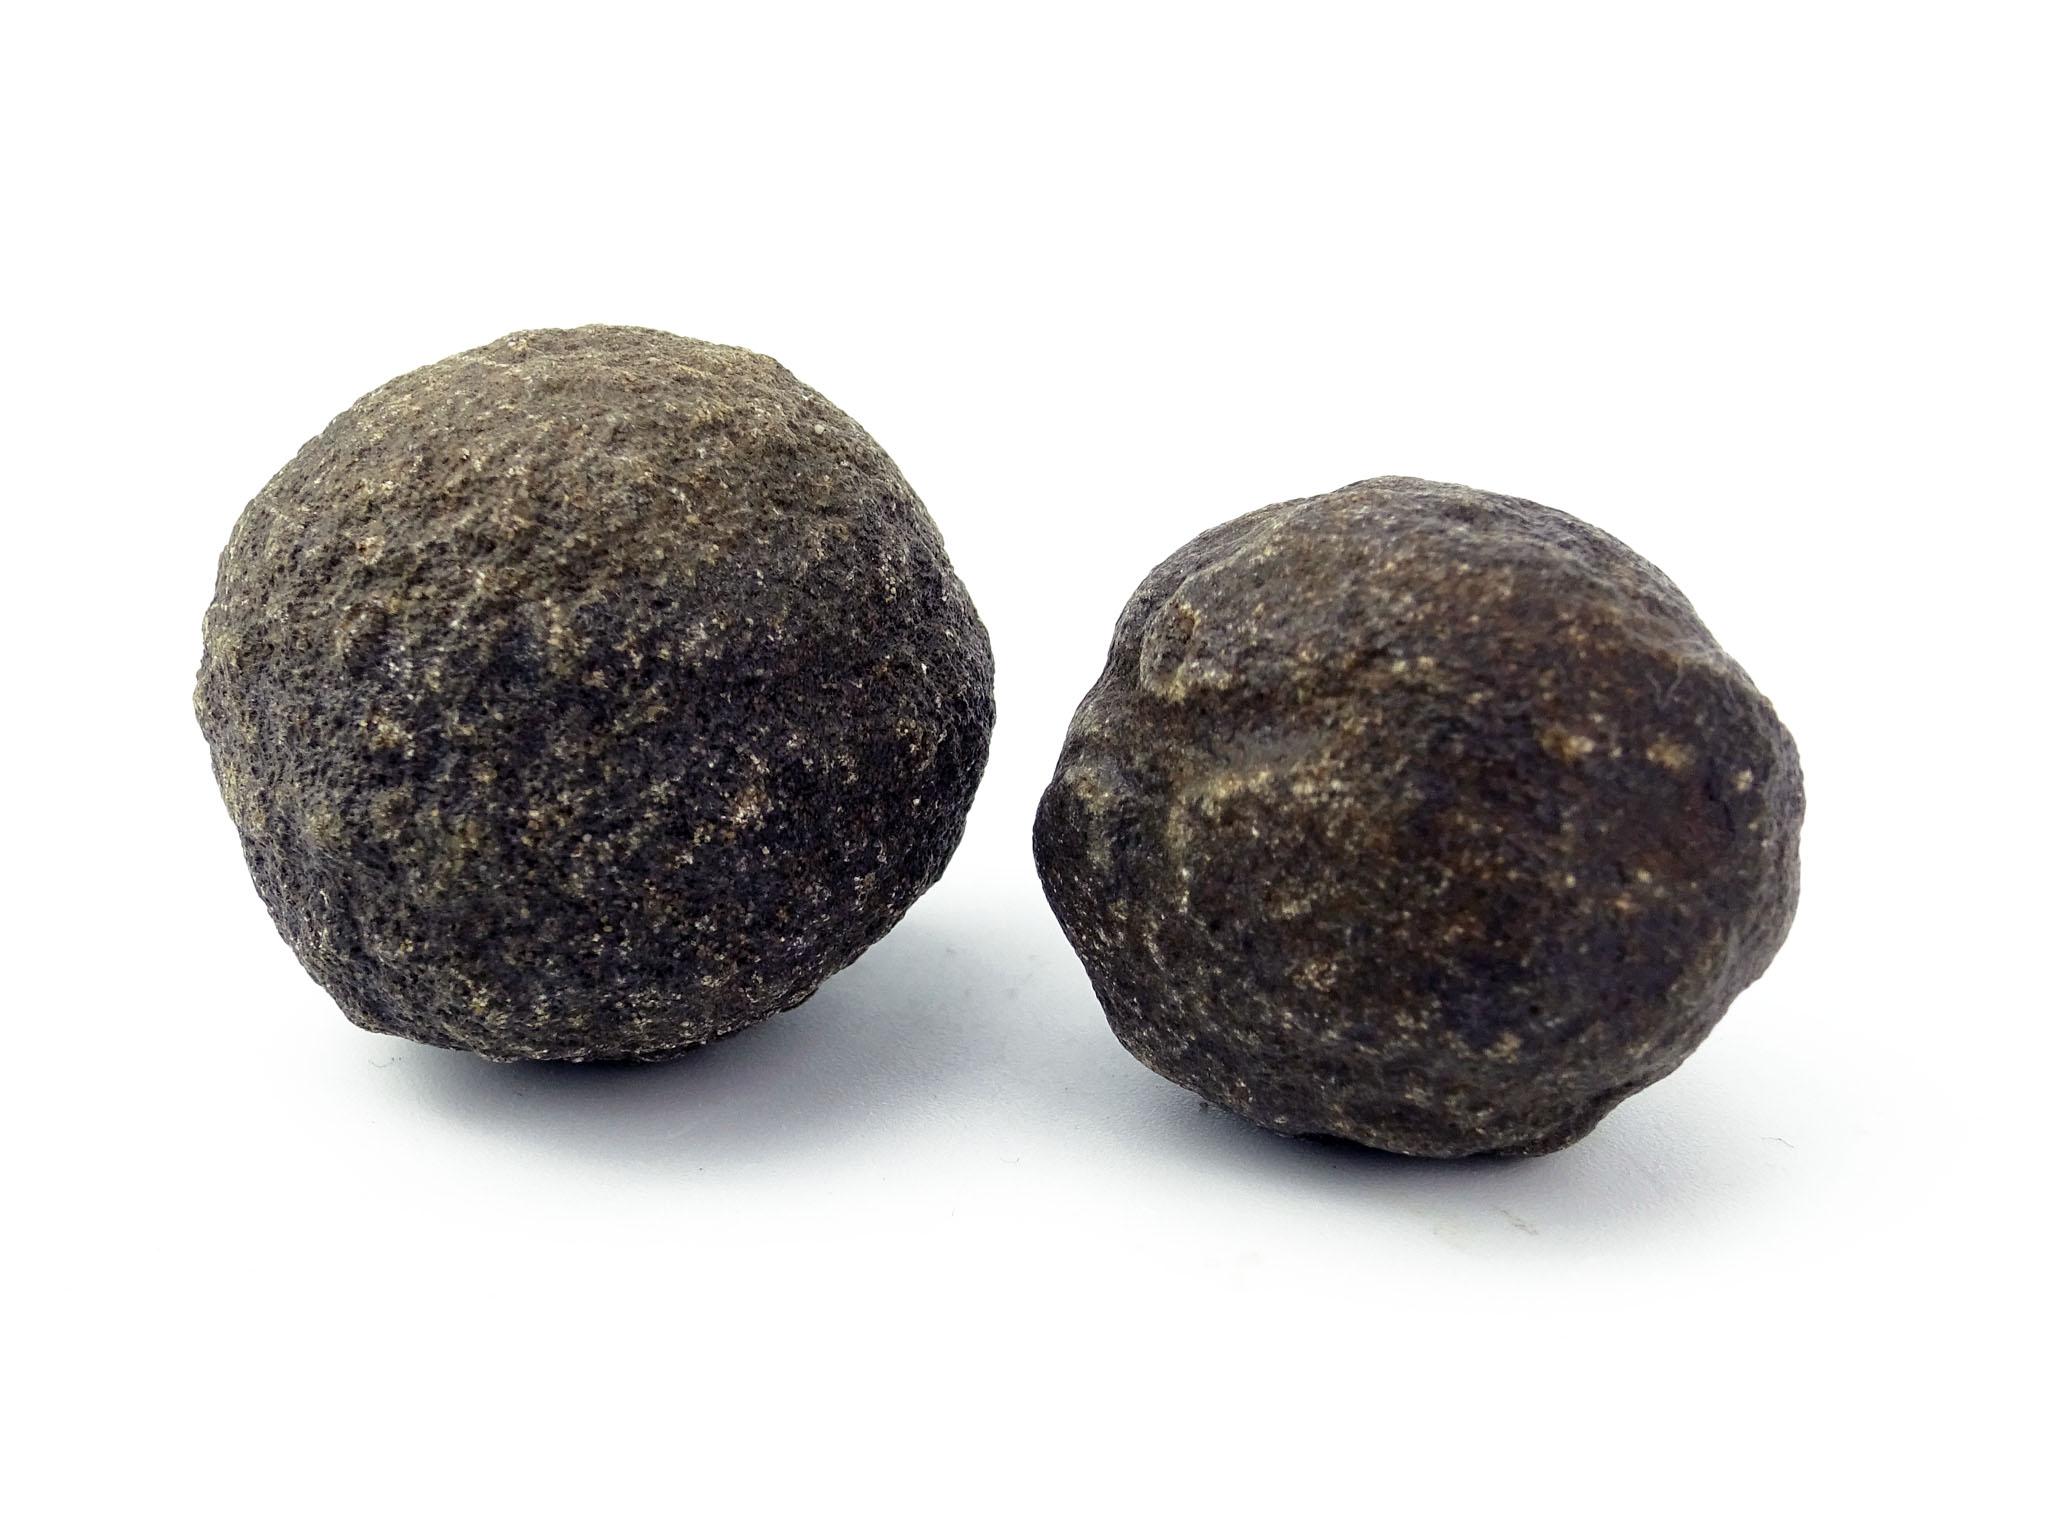 Harte Steine - Ein Männlicher und ein Weiblicher Stein